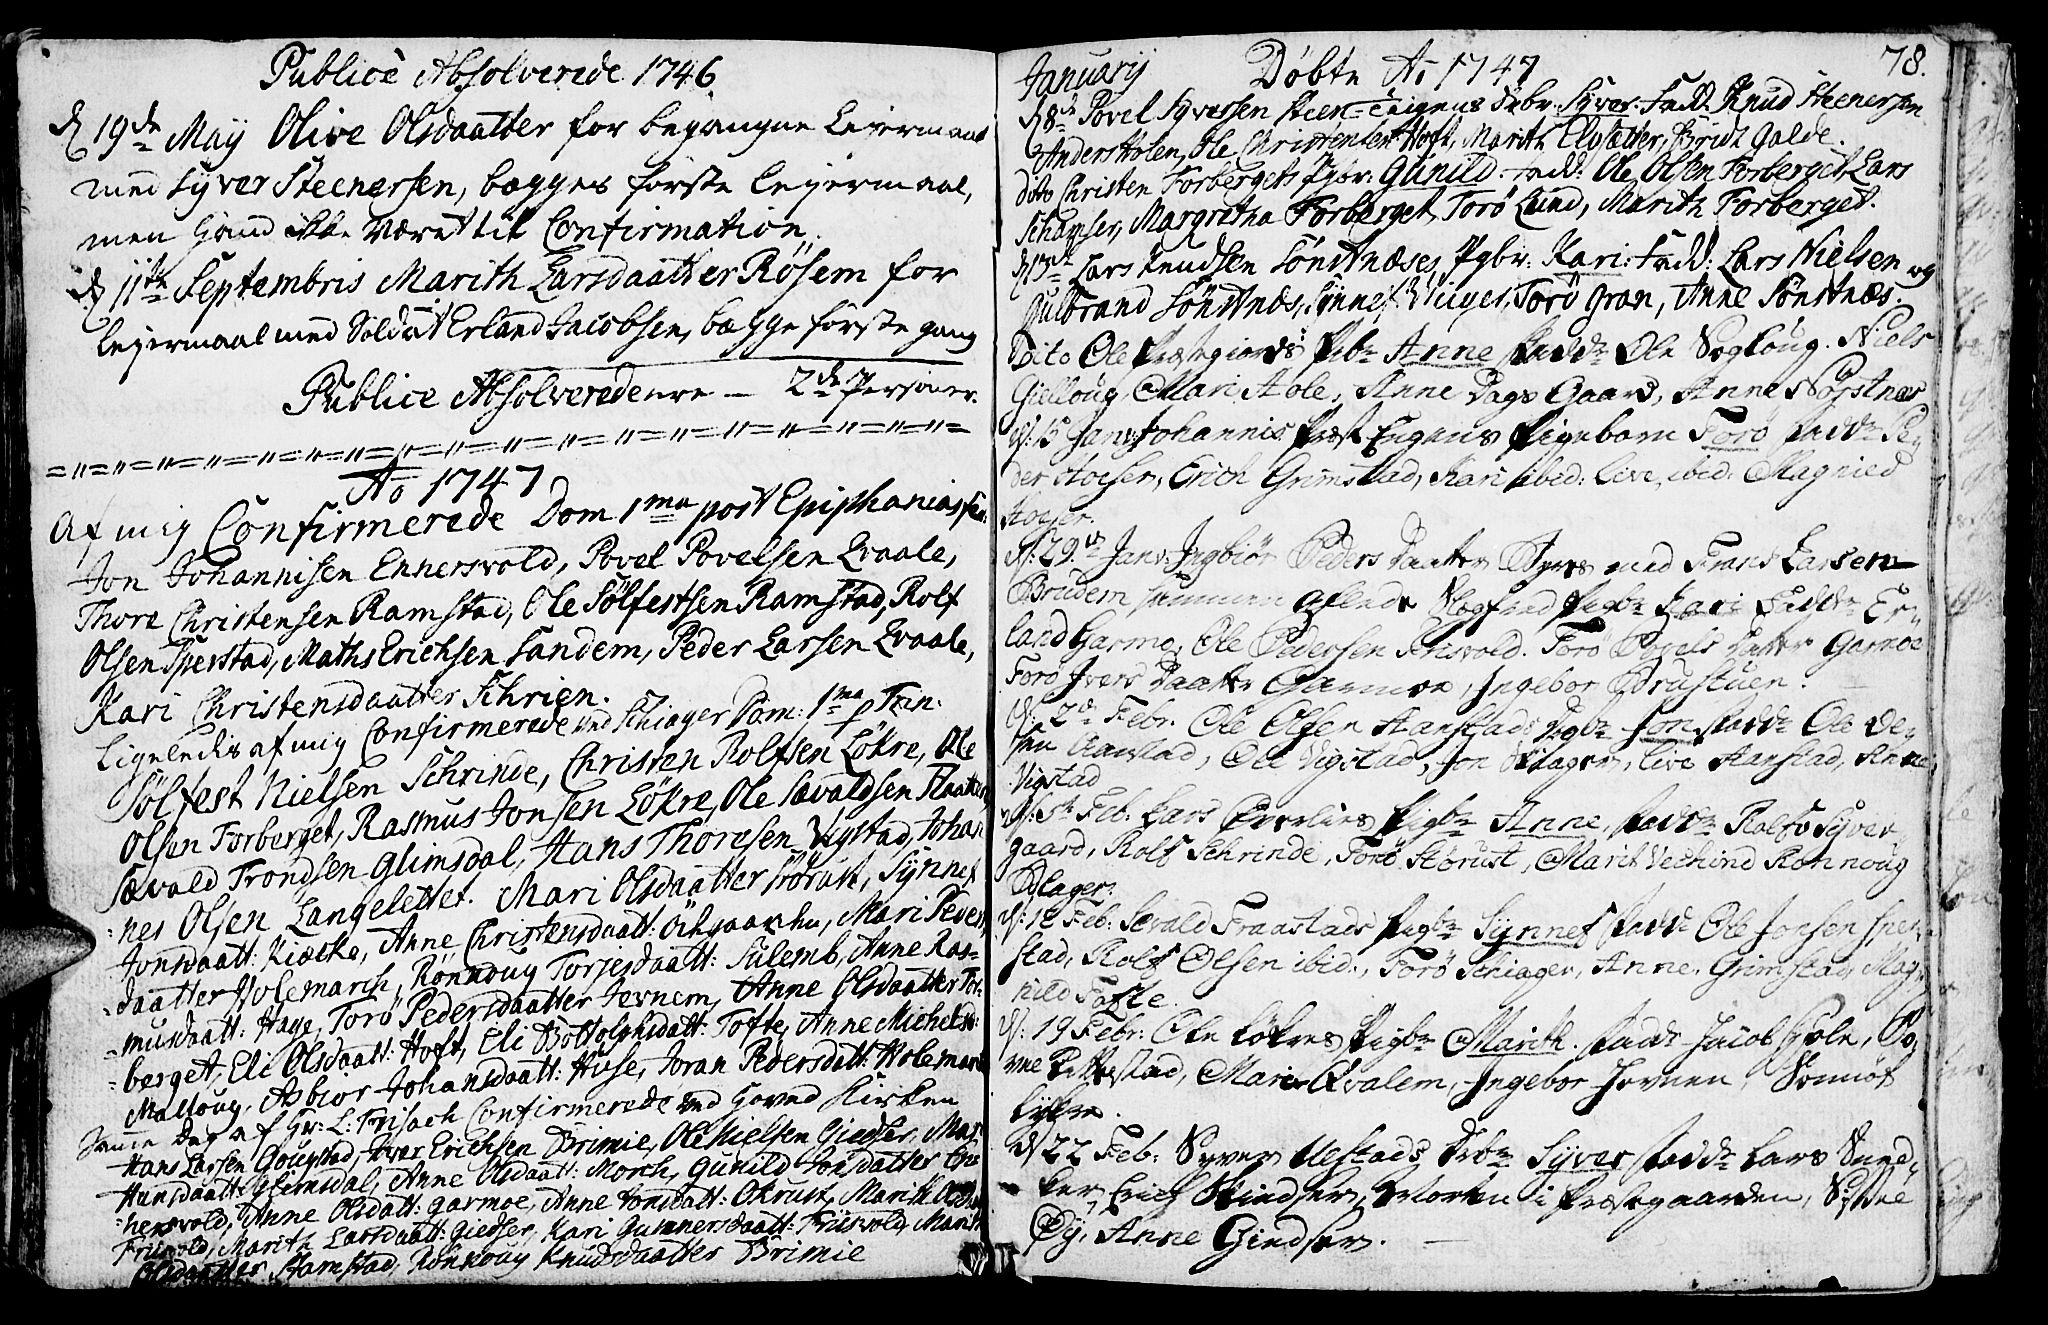 SAH, Lom prestekontor, K/L0001: Ministerialbok nr. 1, 1733-1748, s. 78